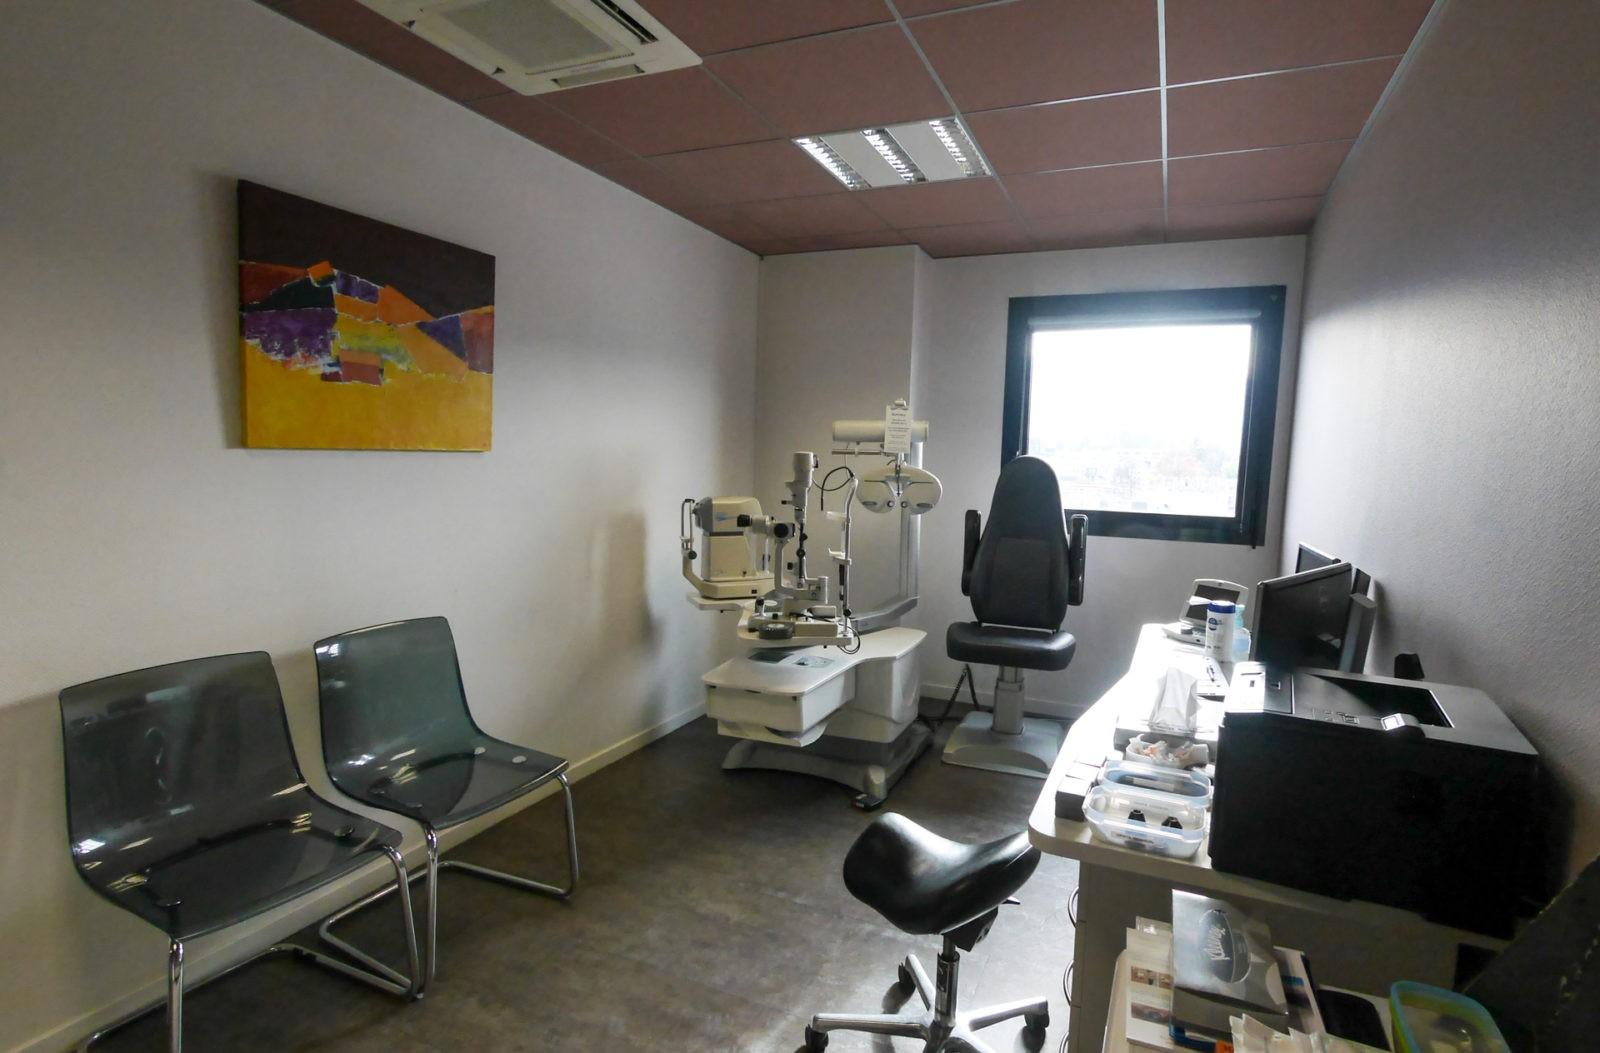 Reportage et portrait photo au Centre Oculus de Chambéry